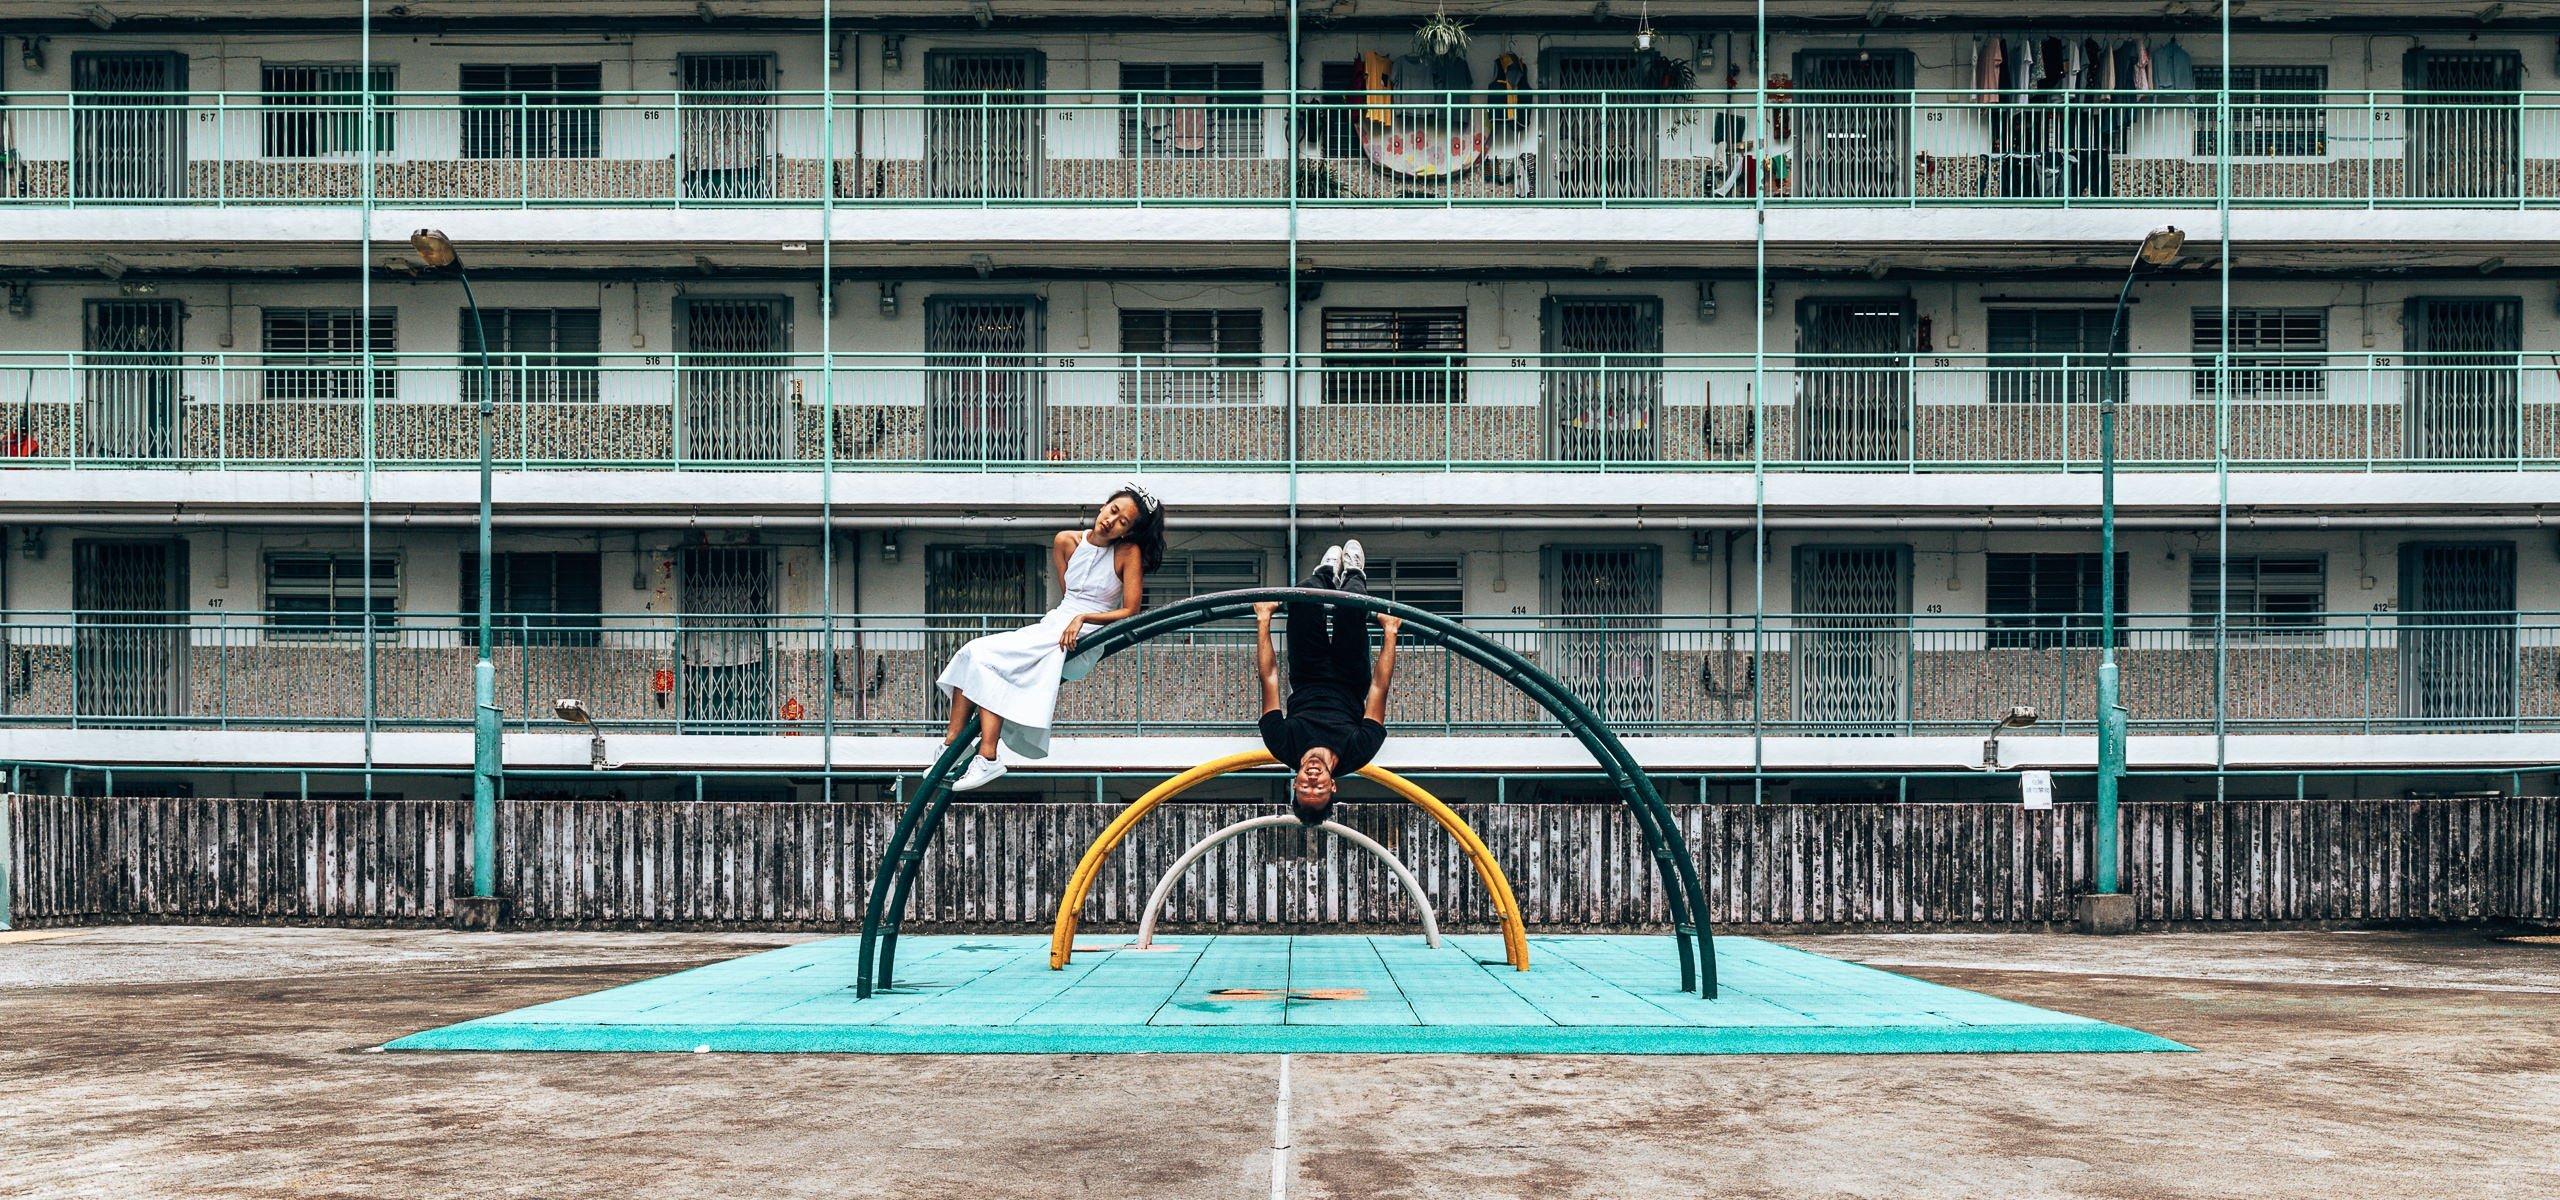 Nam Shah Estate | street photography in Hong Kong